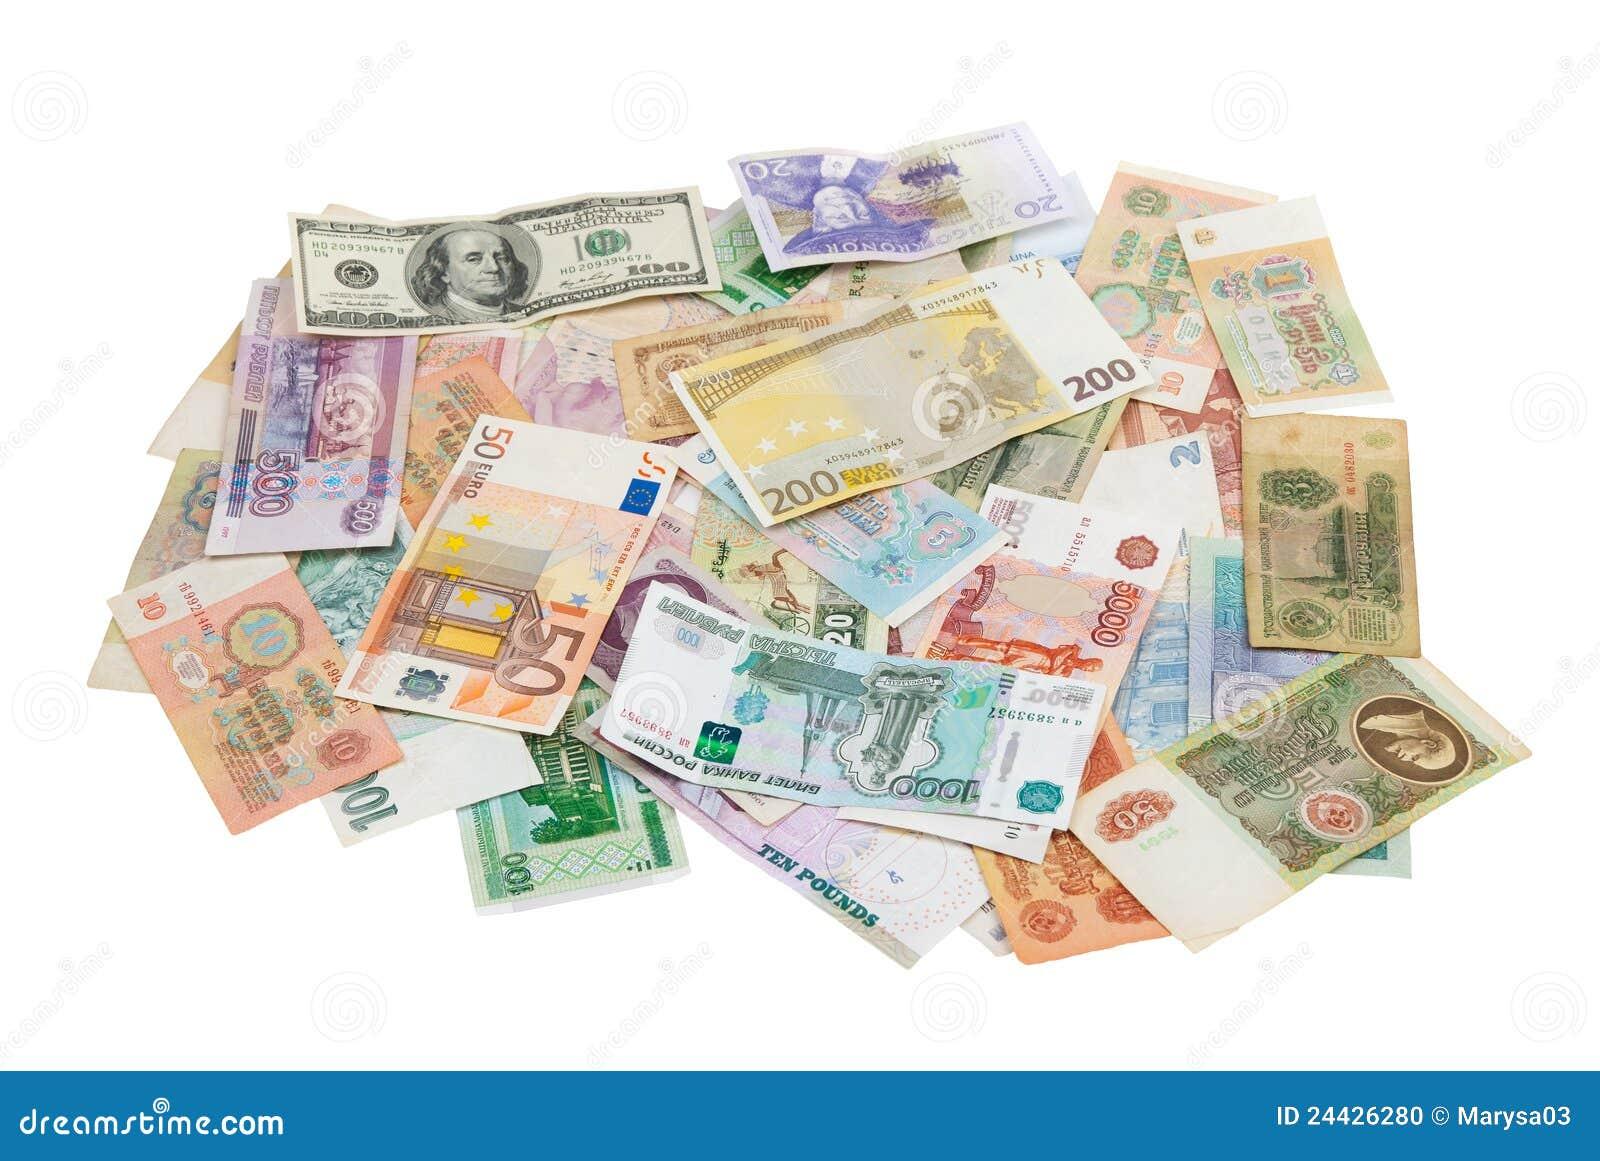 ανάμεικτος κόσμος τραπεζογραμματίων